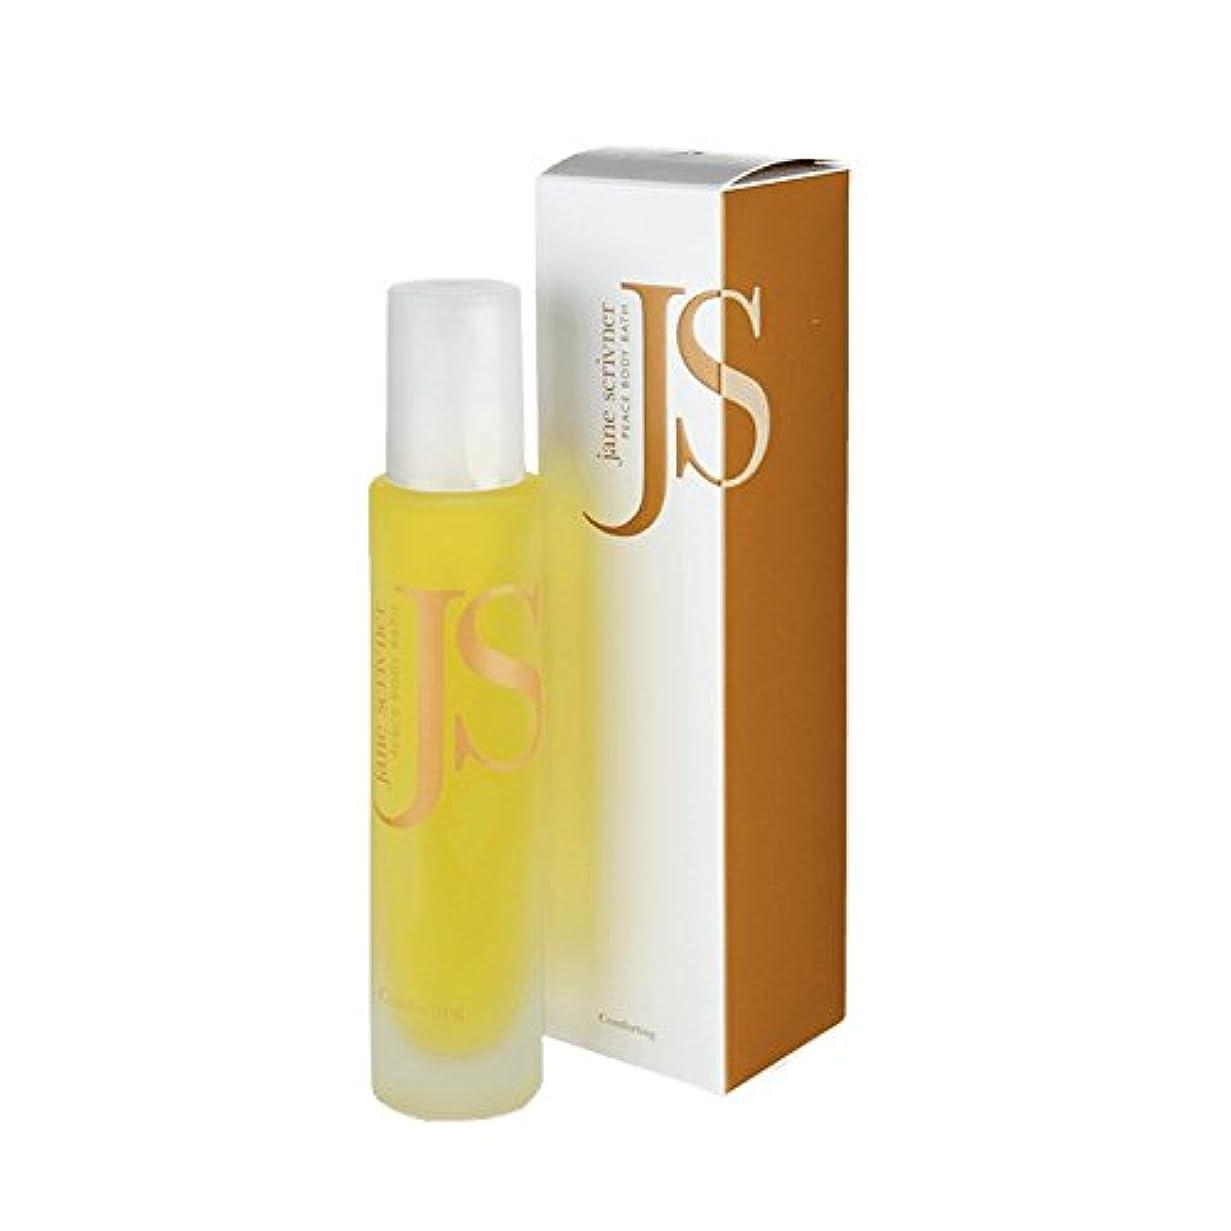 ハンバーガーロゴ原油ジェーンScrivnerボディバスオイル平和100ミリリットル - Jane Scrivner Body Bath Oil Peace 100ml (Jane Scrivner) [並行輸入品]